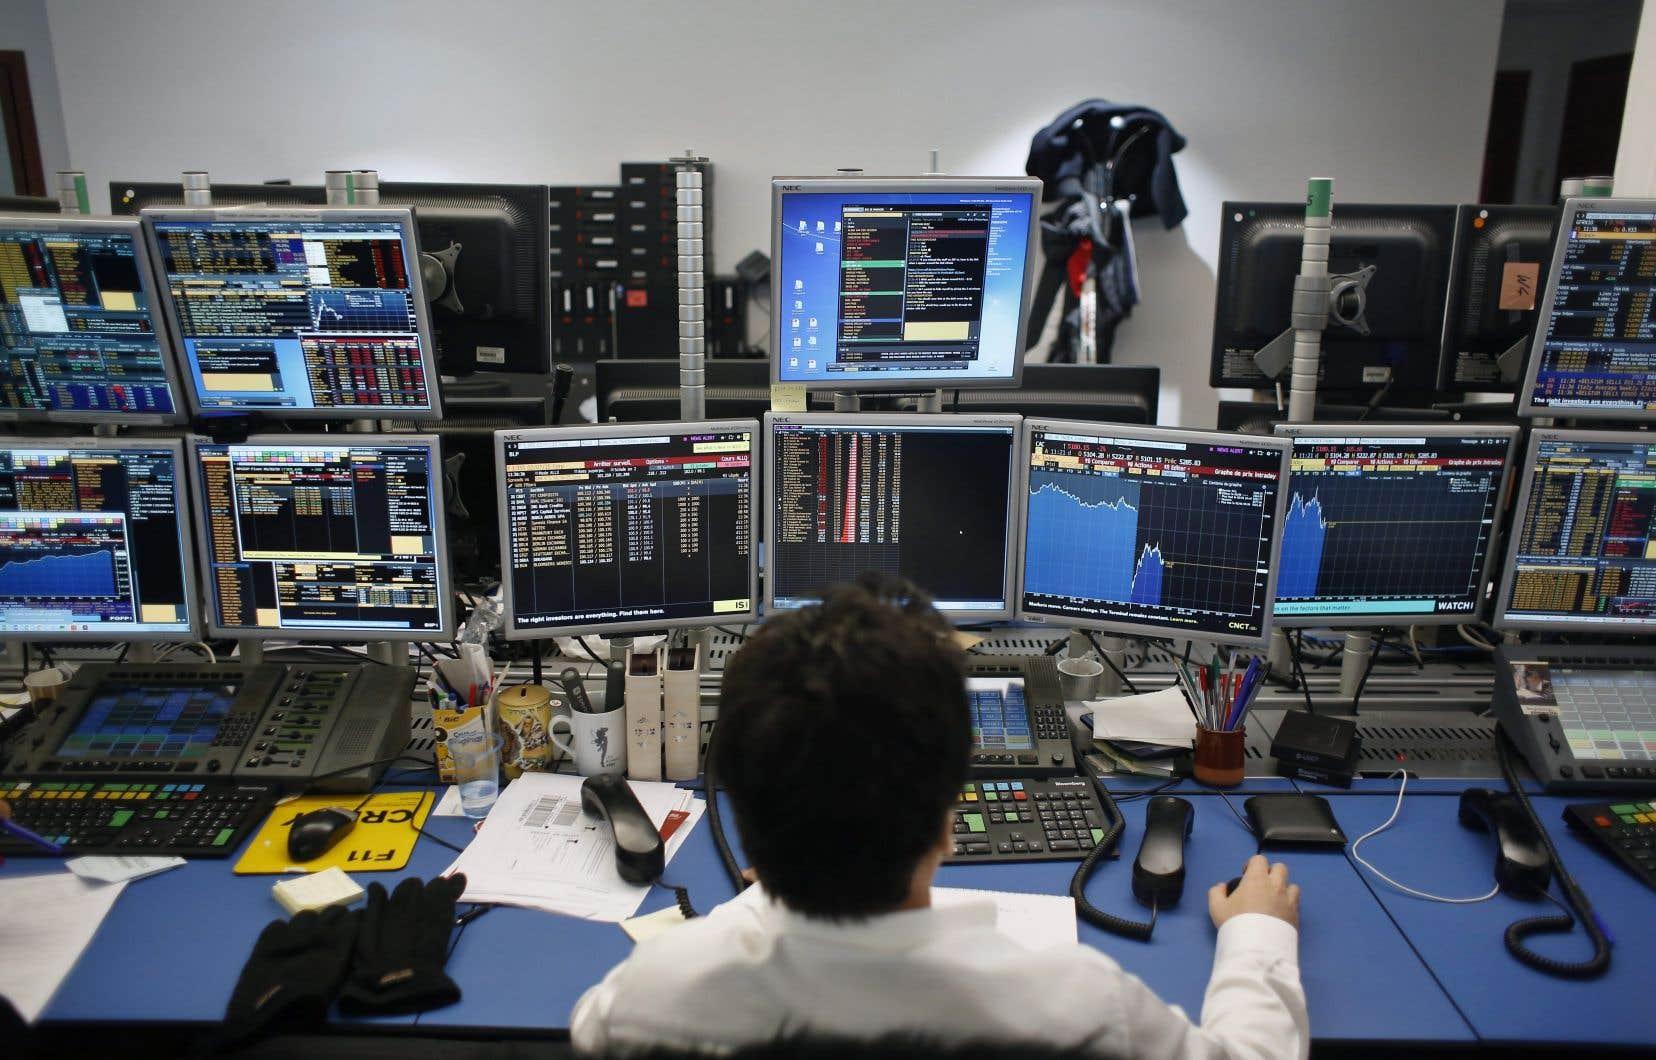 Le mariage de la finance et de la technologie est un secteur qui retient l'attention.